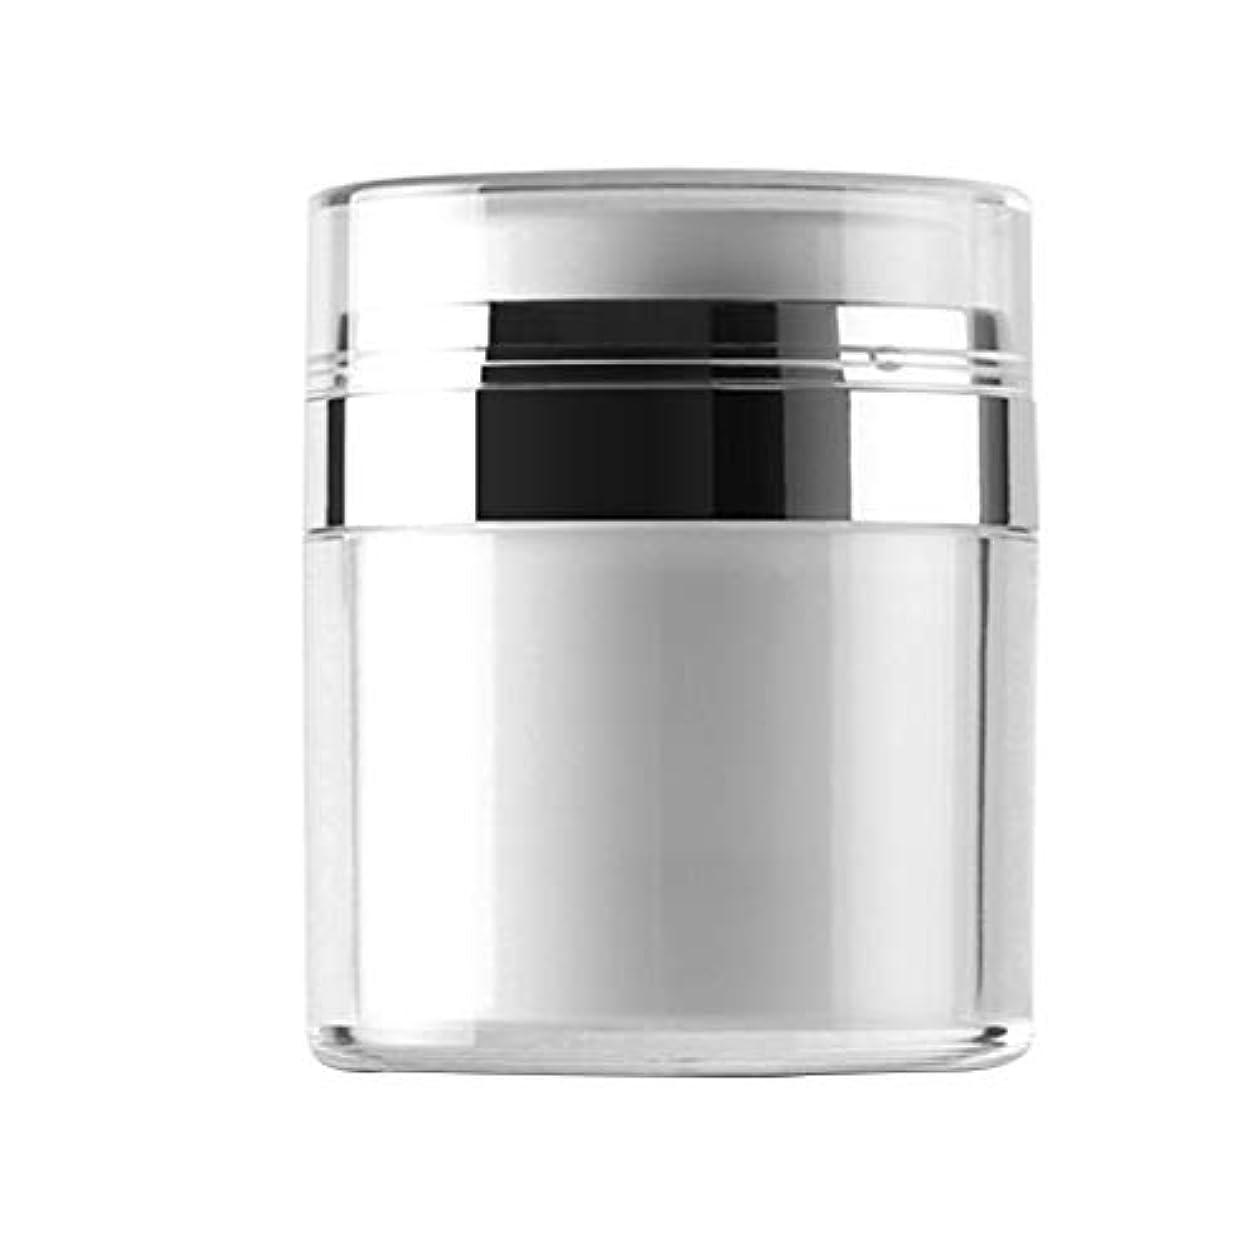 位置するカップル派生するVi.yo 小分け容器 トラベルボトル 真空押し式詰替用ボトル 携帯用 旅行 出張用 クリーム 軟膏 乳液など入り 50g